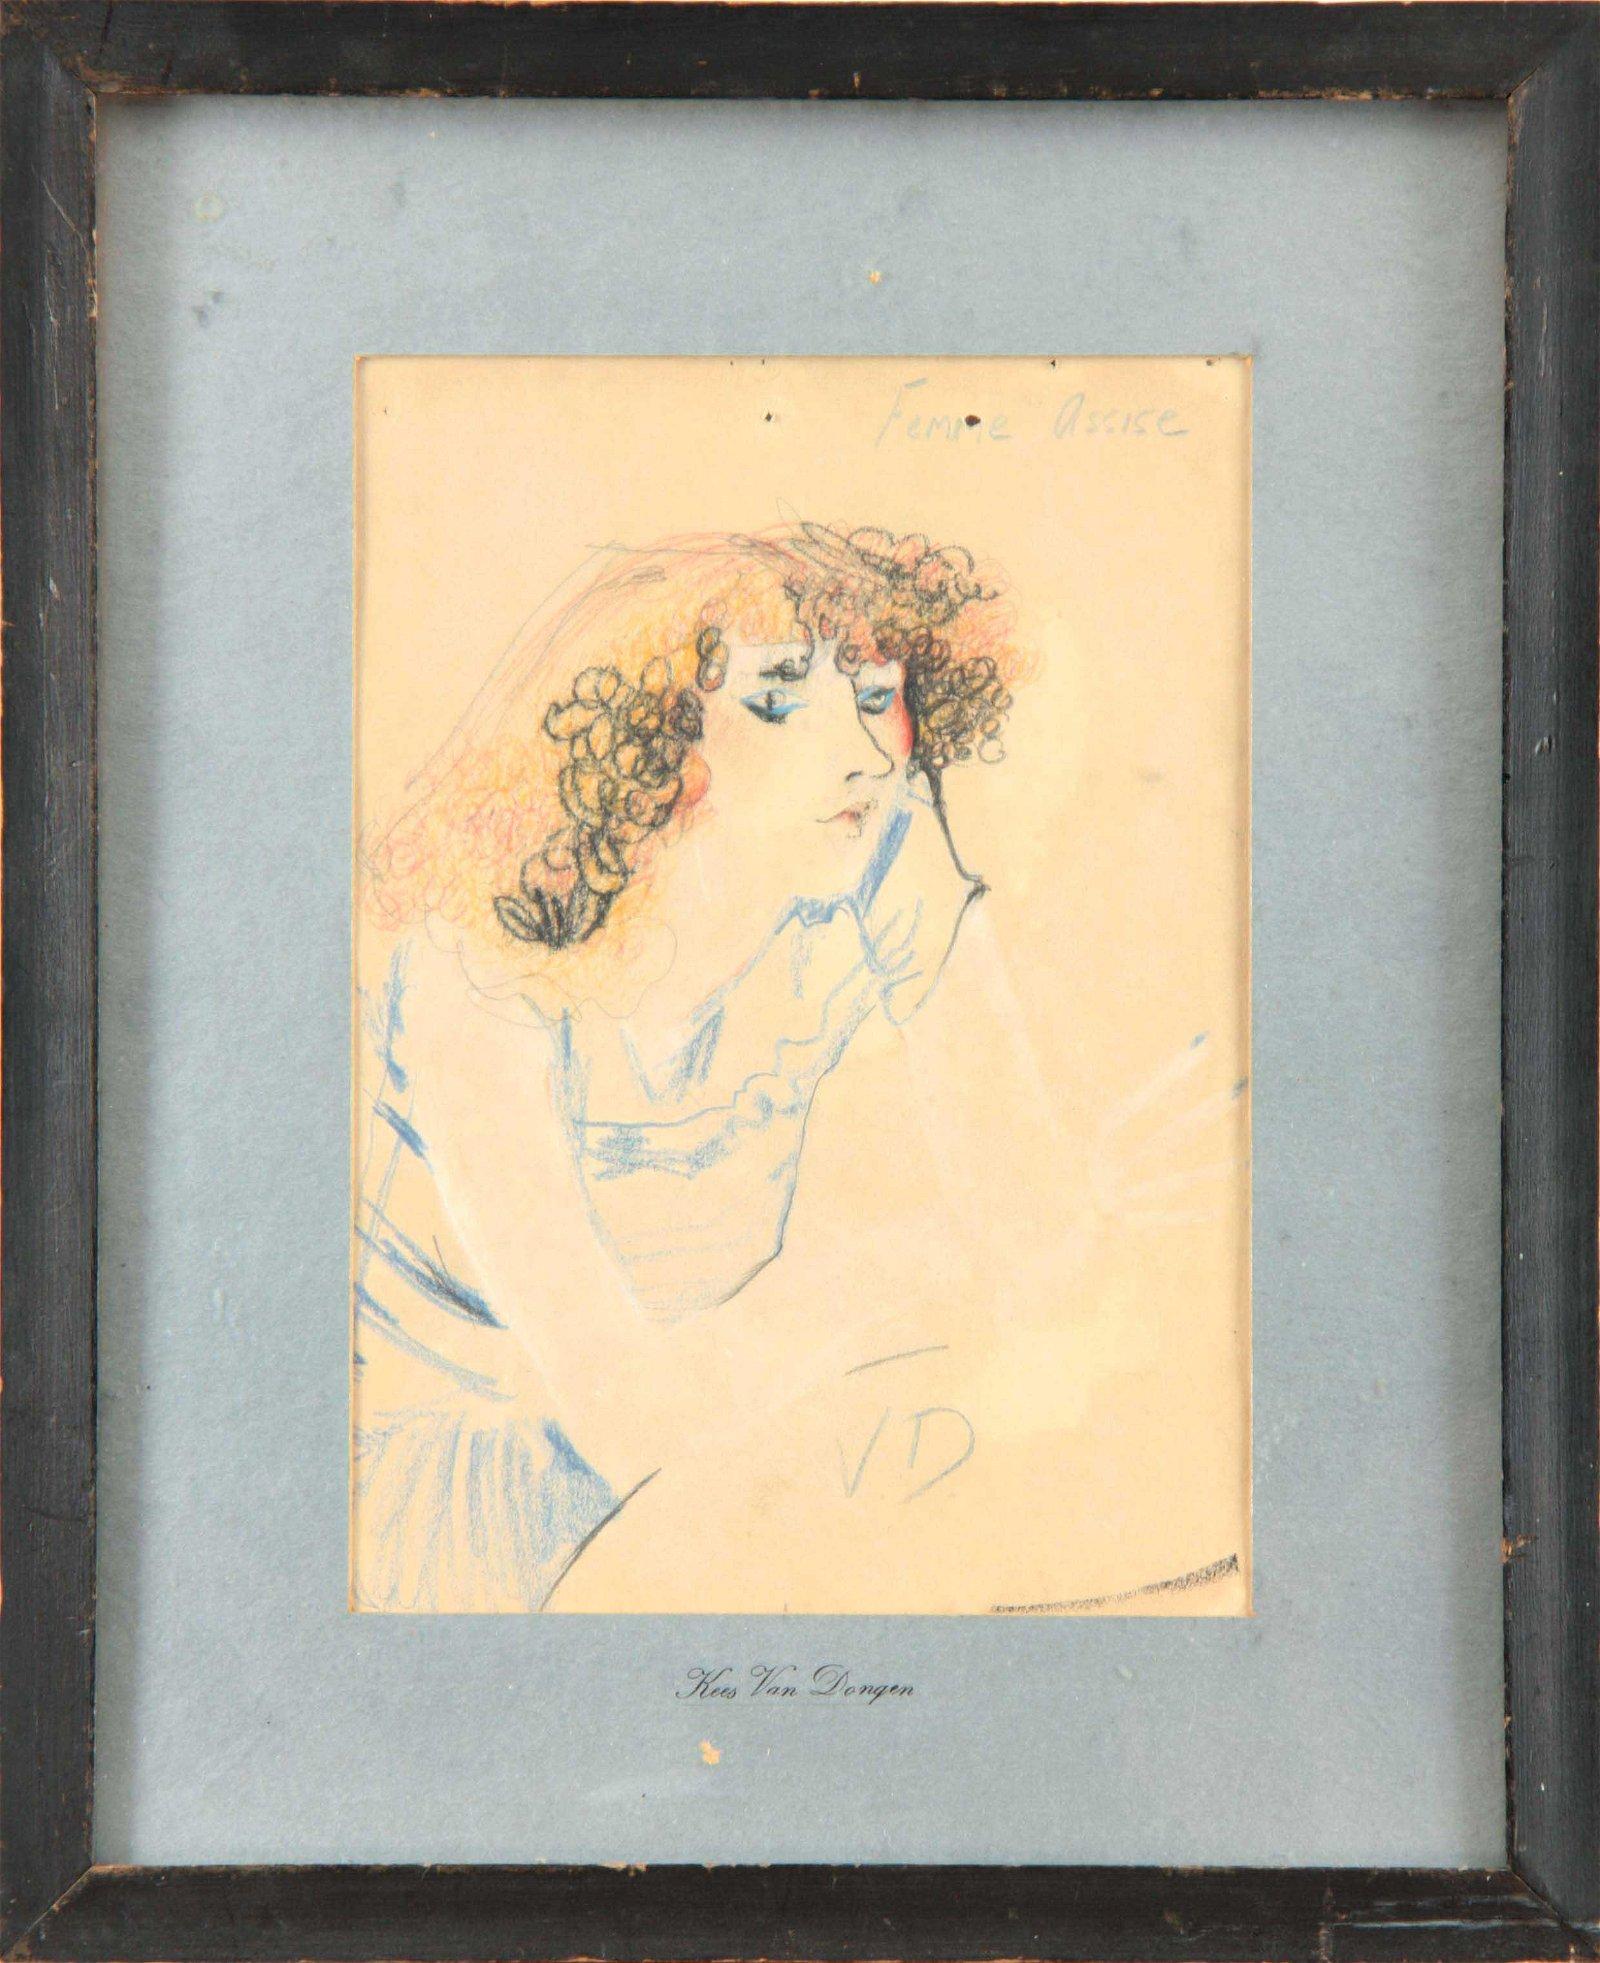 KEES VAN DONGEN 1877 - 1968. Pastel sketch titled